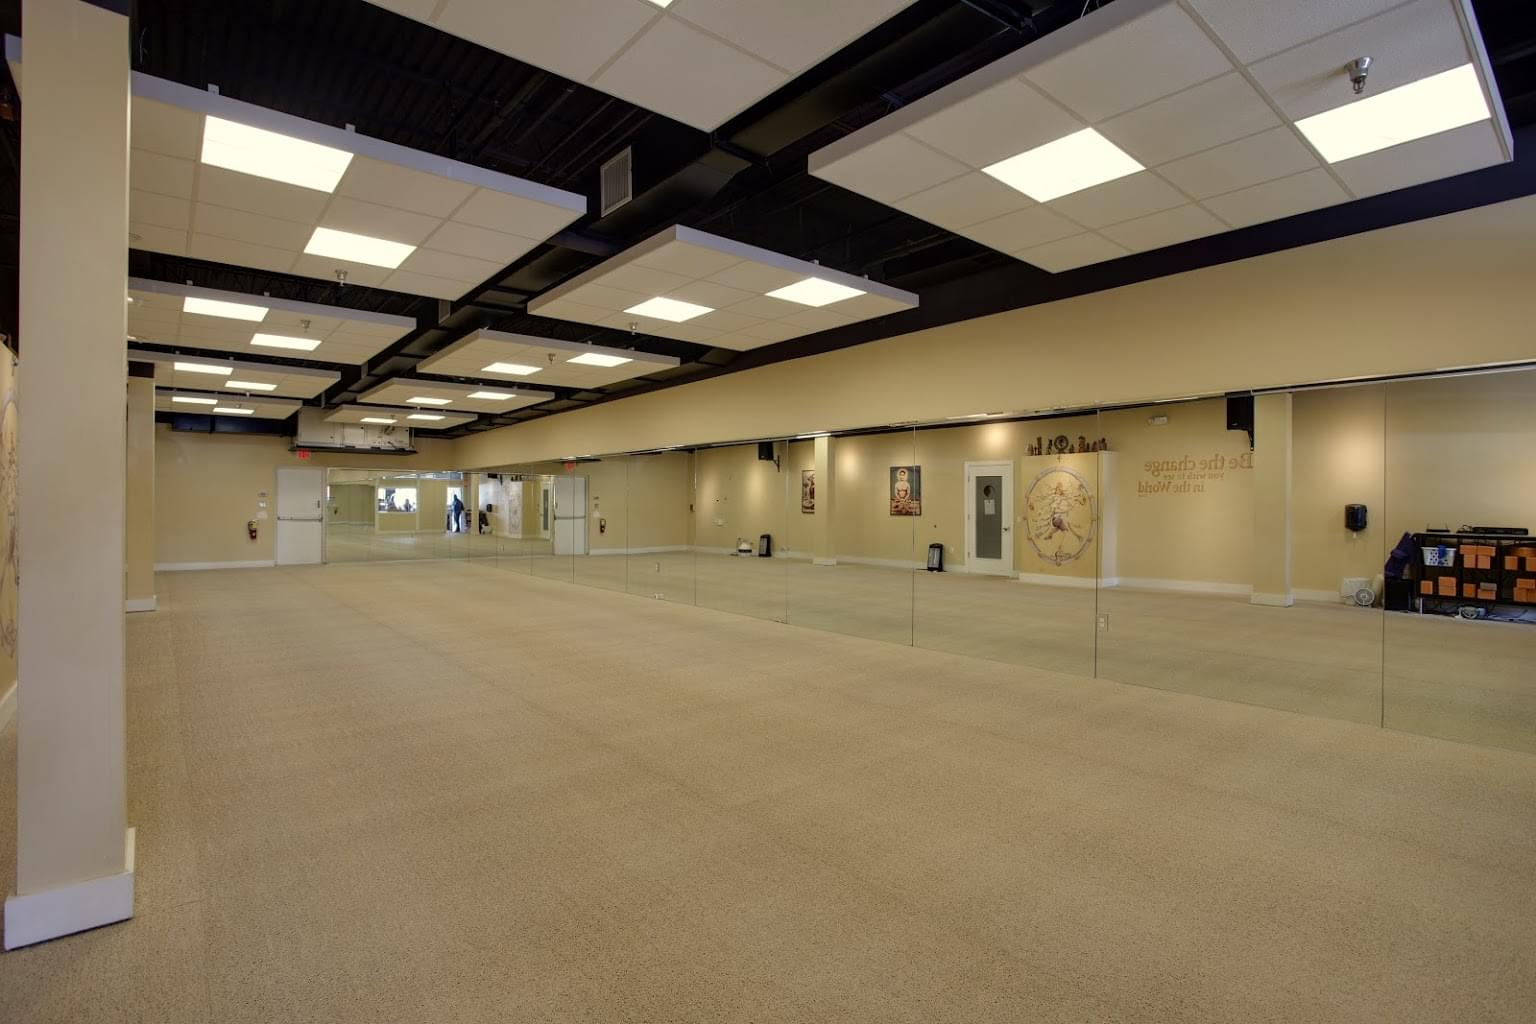 The Barkan Method of Hot Yoga Fort Lauderdale, FL Yoga Studio room